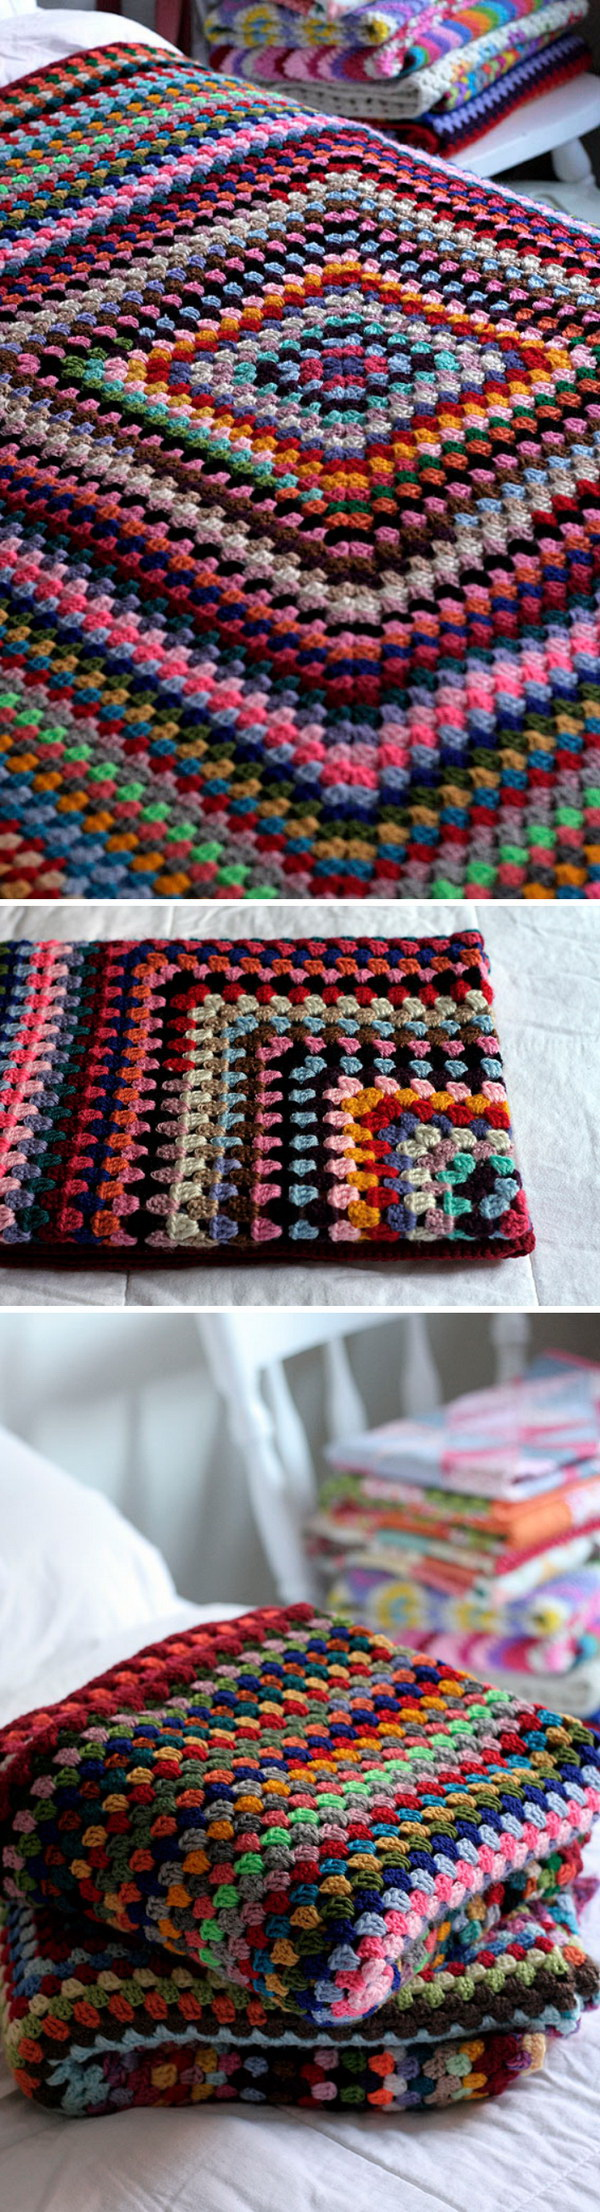 2 crochet blanket patterns for beginners